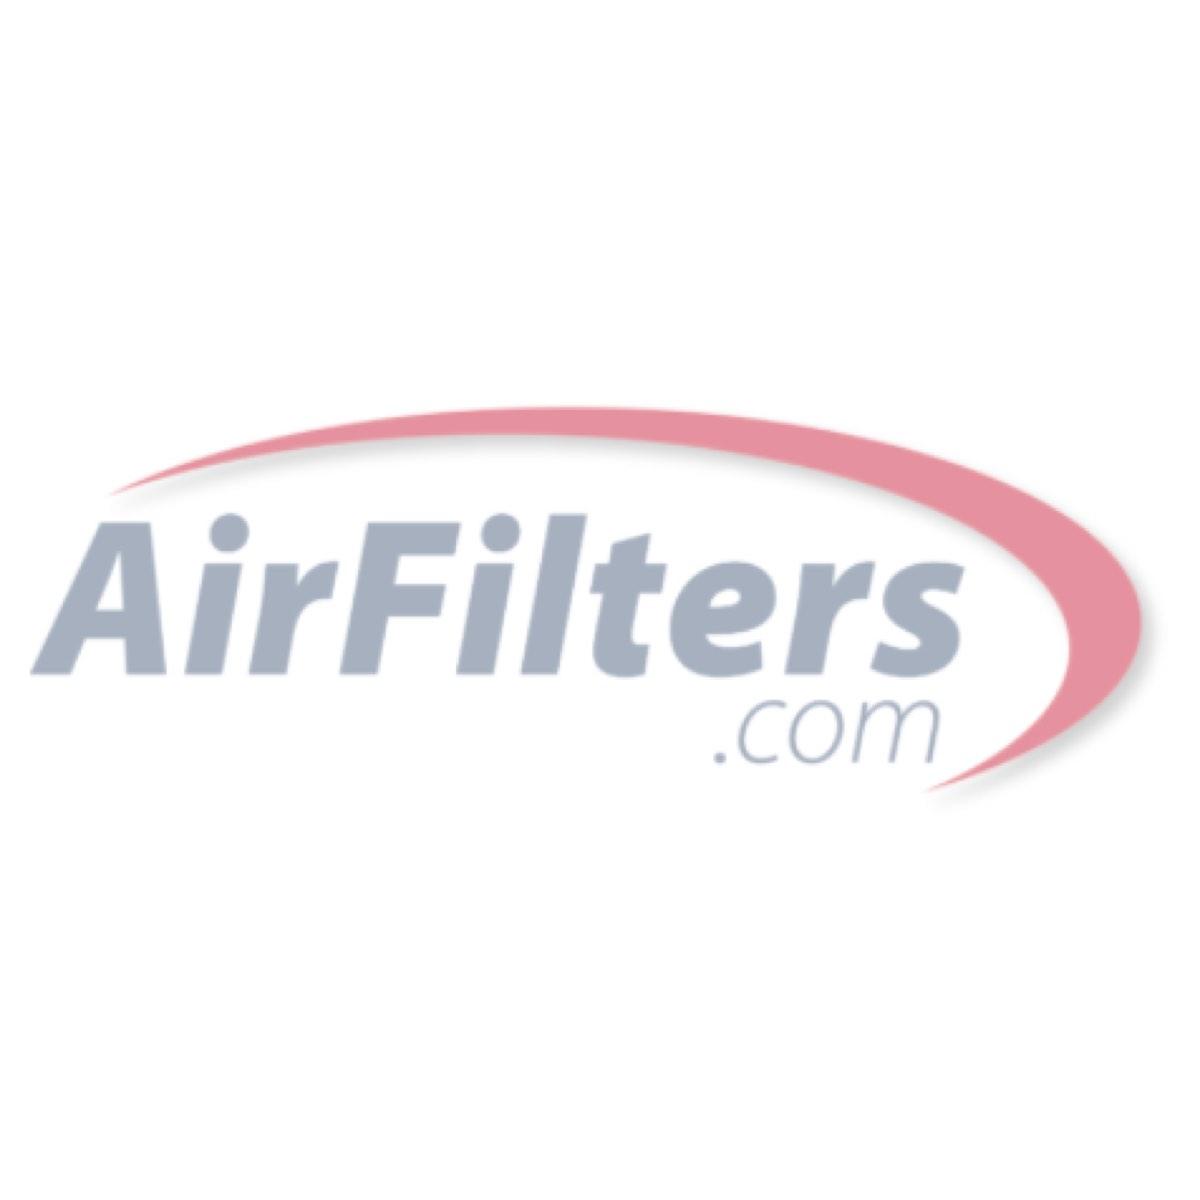 20x25x4 (19.94x24.63x4.31) Filtrete Allergen Reduction Filter